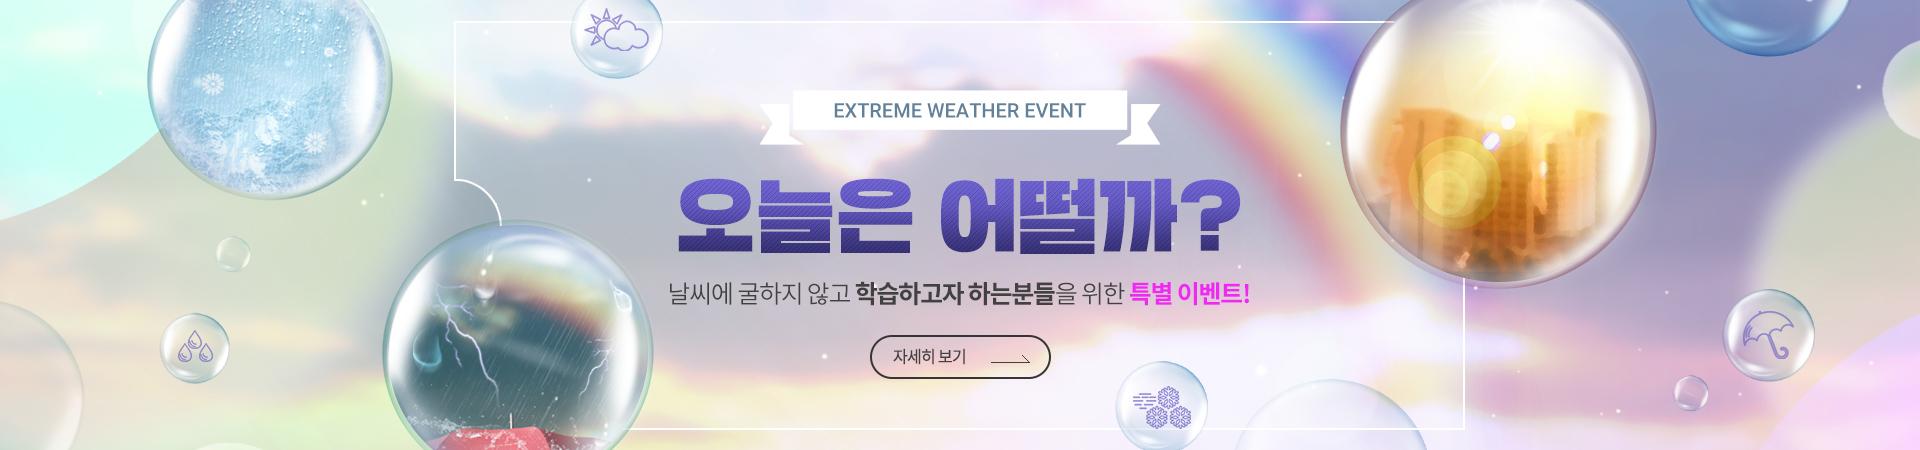 오늘은 어떨까? 날씨별 특별이벤트!